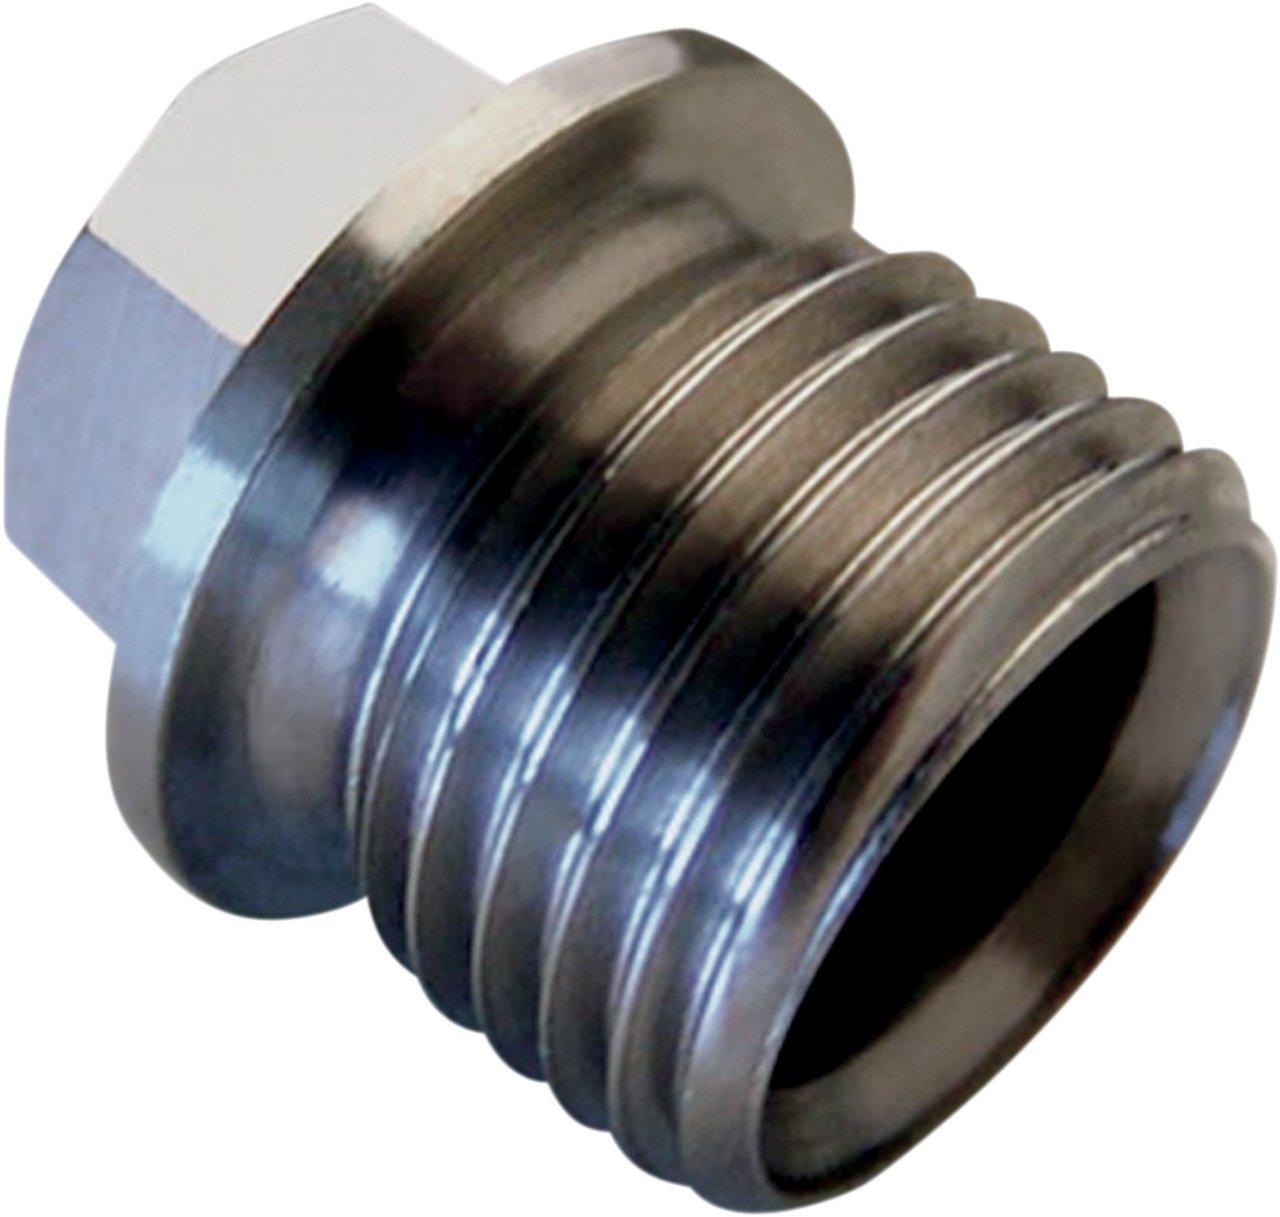 【MOOSE RACING】磁性卸油螺絲/ZIPTY [0920-0047] - 「Webike-摩托百貨」